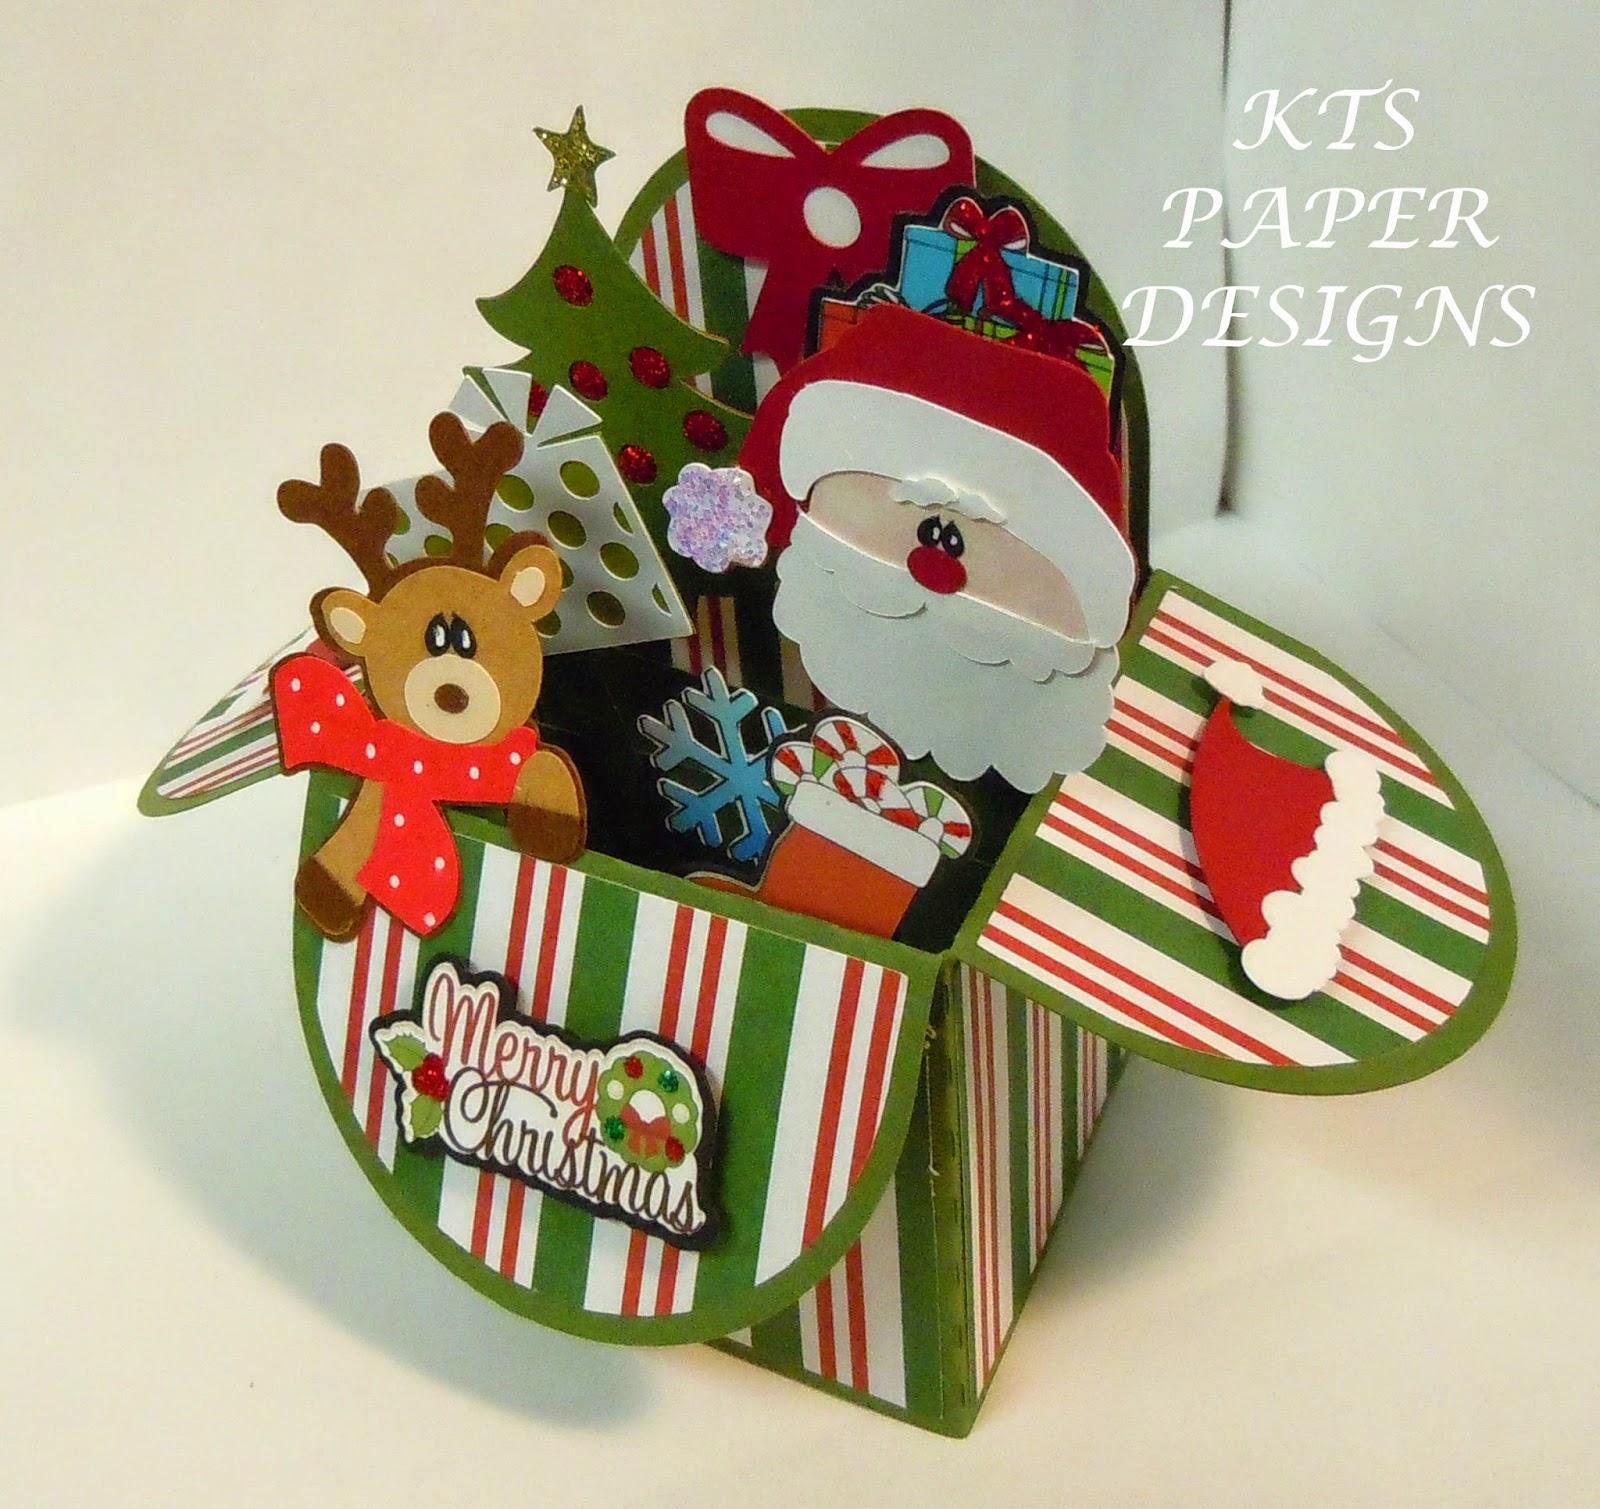 kts paper designs card in a box christmas santa reindeer